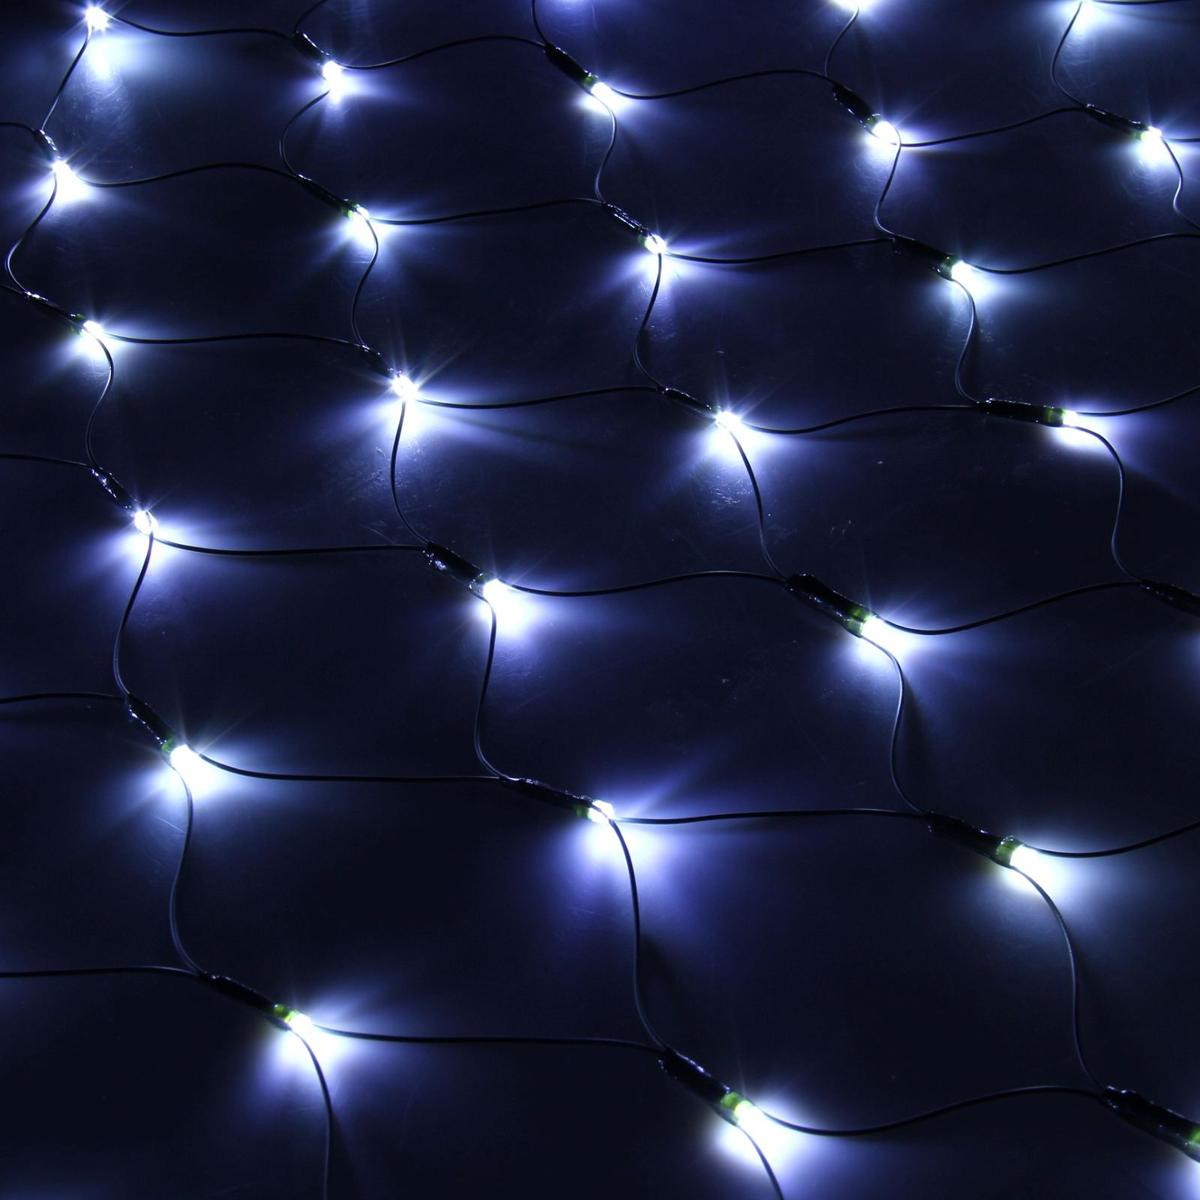 Гирлянда Luazon Сетка, длина 1,1 м, LED 144 ламп, 220V, цвет: белый187222Светодиодные гирлянды, ленты и т.д — это отличный вариант для новогоднего оформления интерьера или фасада. С их помощью помещение любого размера можно превратить в праздничный зал, а внешние элементы зданий, украшенные ими, мгновенно станут напоминать очертания сказочного дворца. Такие украшения создают ауру предвкушения чуда. Деревья, фасады, витрины, окна и арки будто специально созданы, чтобы вы украсили их светящимися нитями.